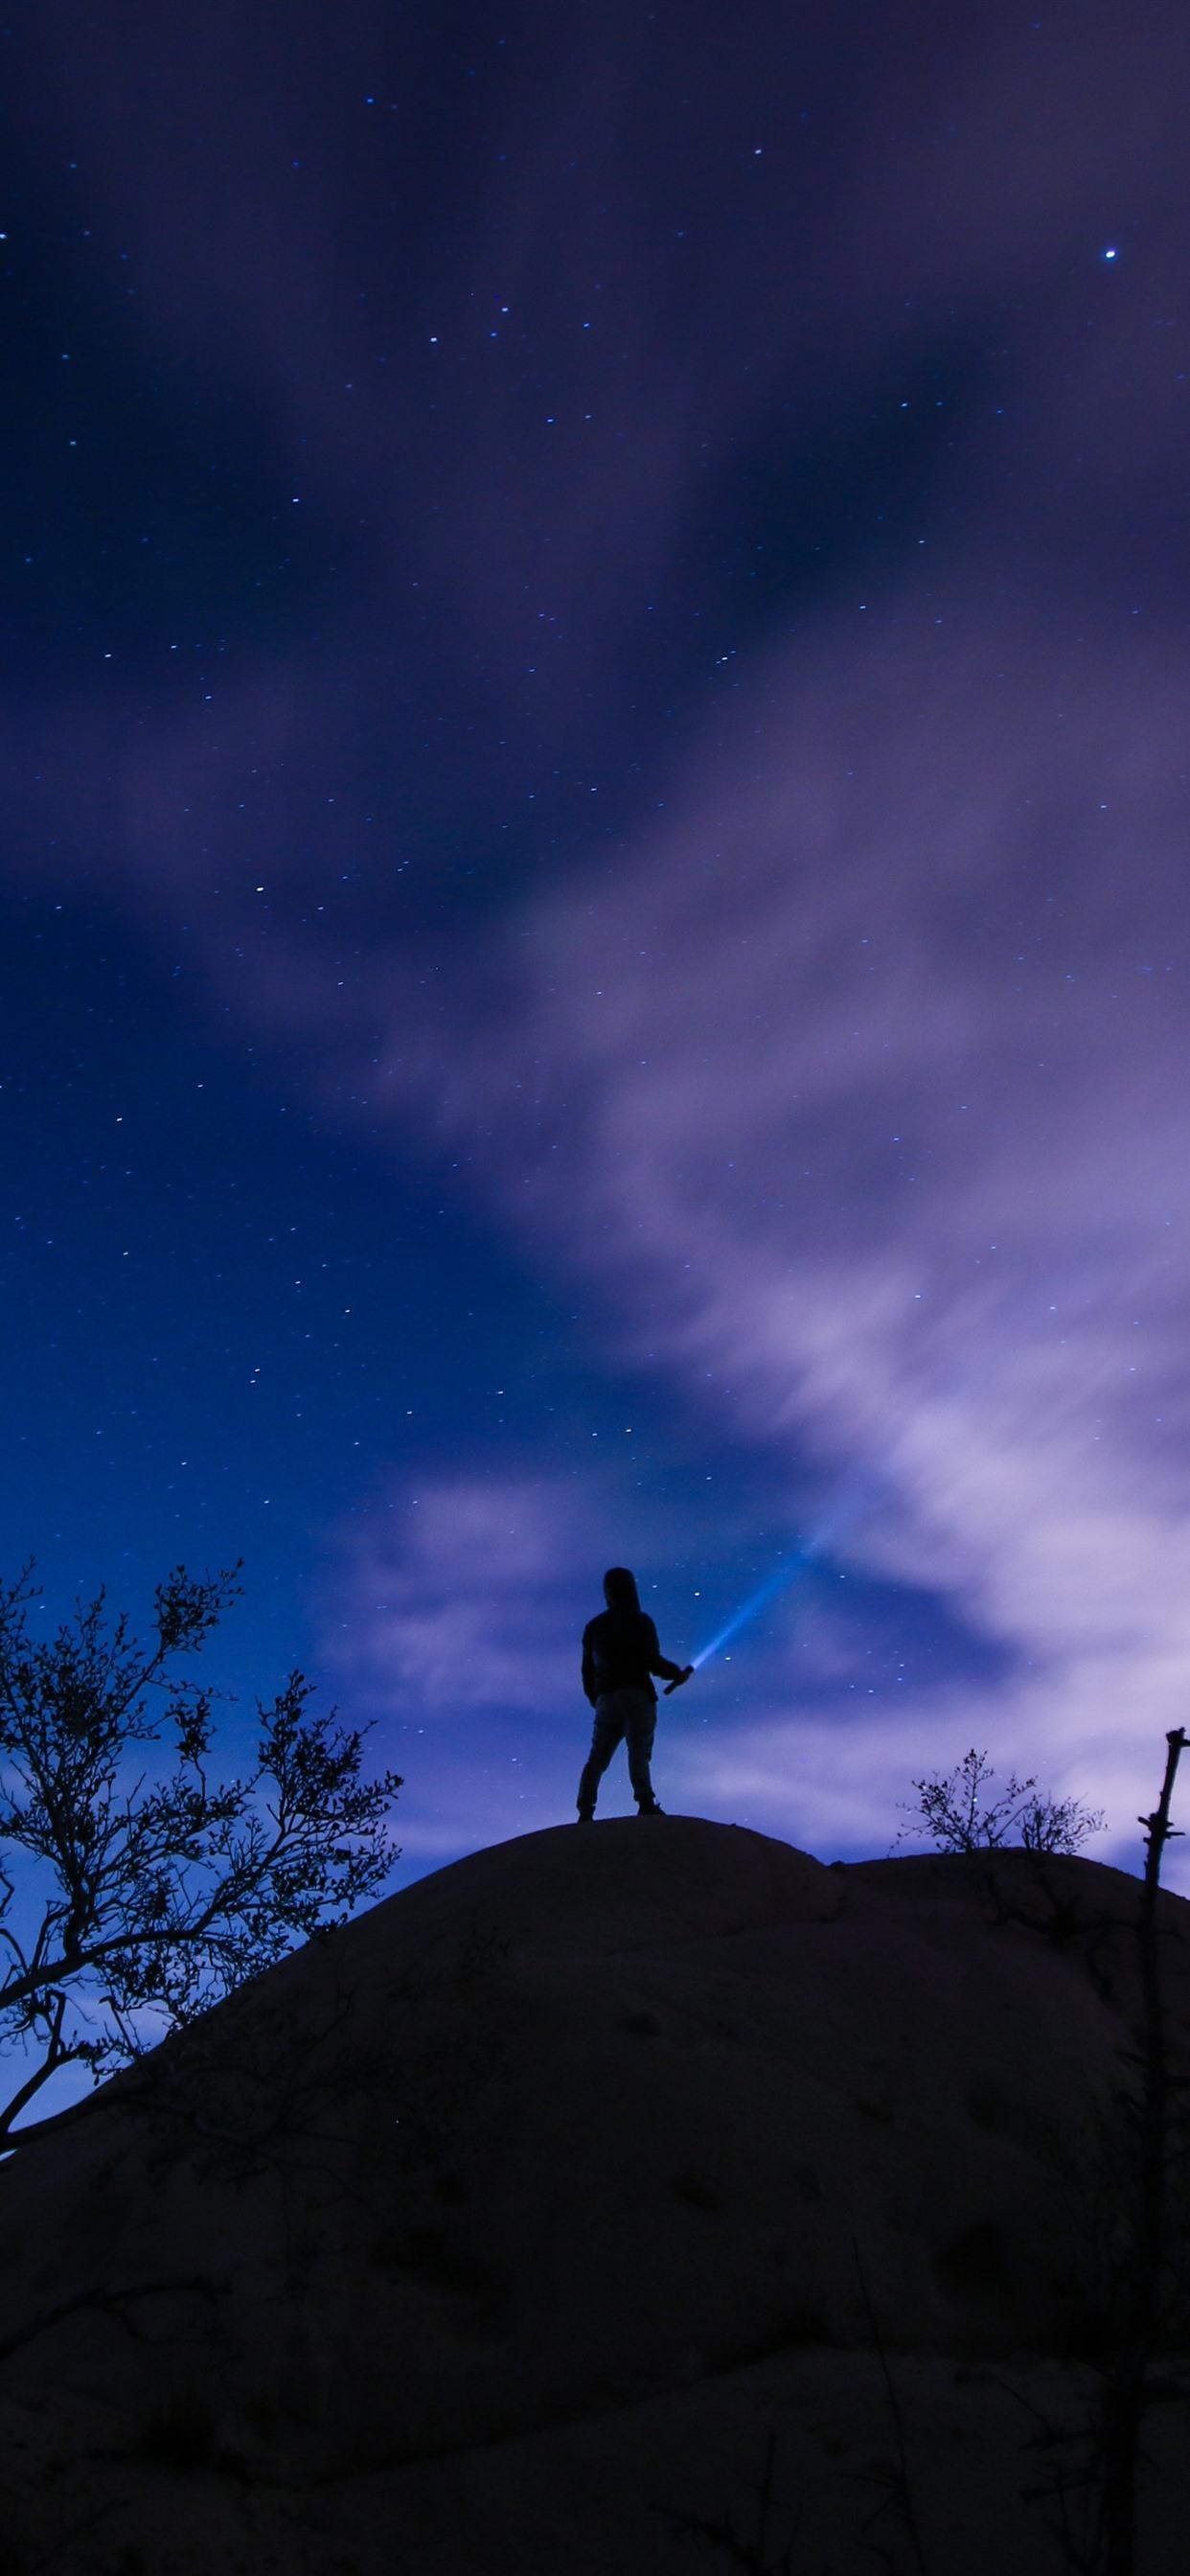 壁紙 星空 空 夜 男 シルエット 51x Uhd 5k 無料のデスクトップの背景 画像